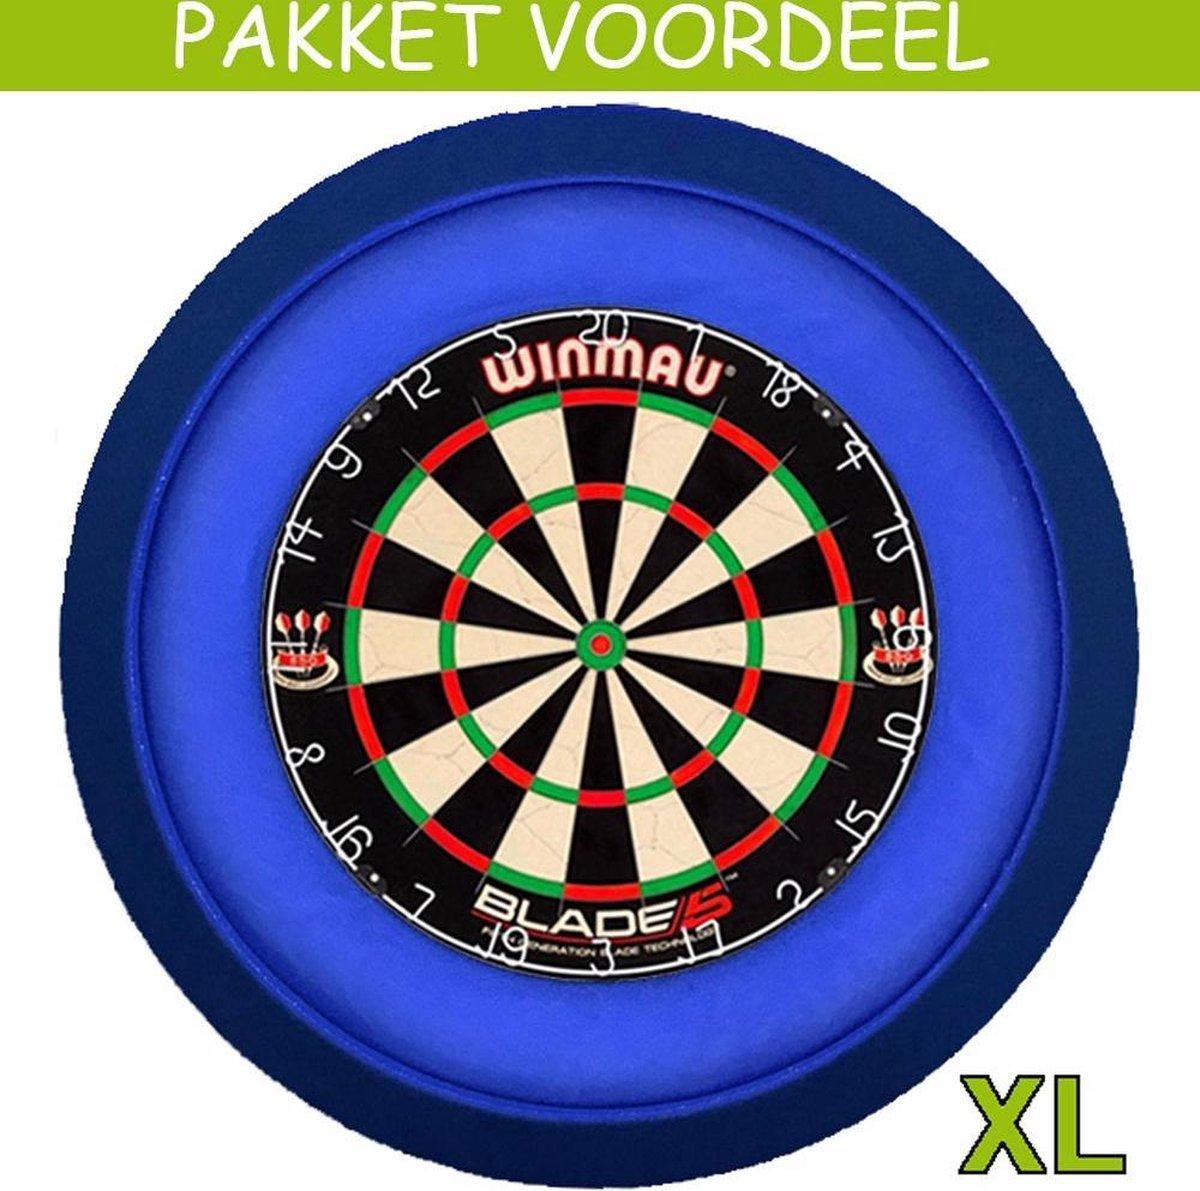 Dartbord Verlichting Voordeelpakket Super Deluxe + Blade 5 + Dartbordverlichting Deluxe XL(Blauw)